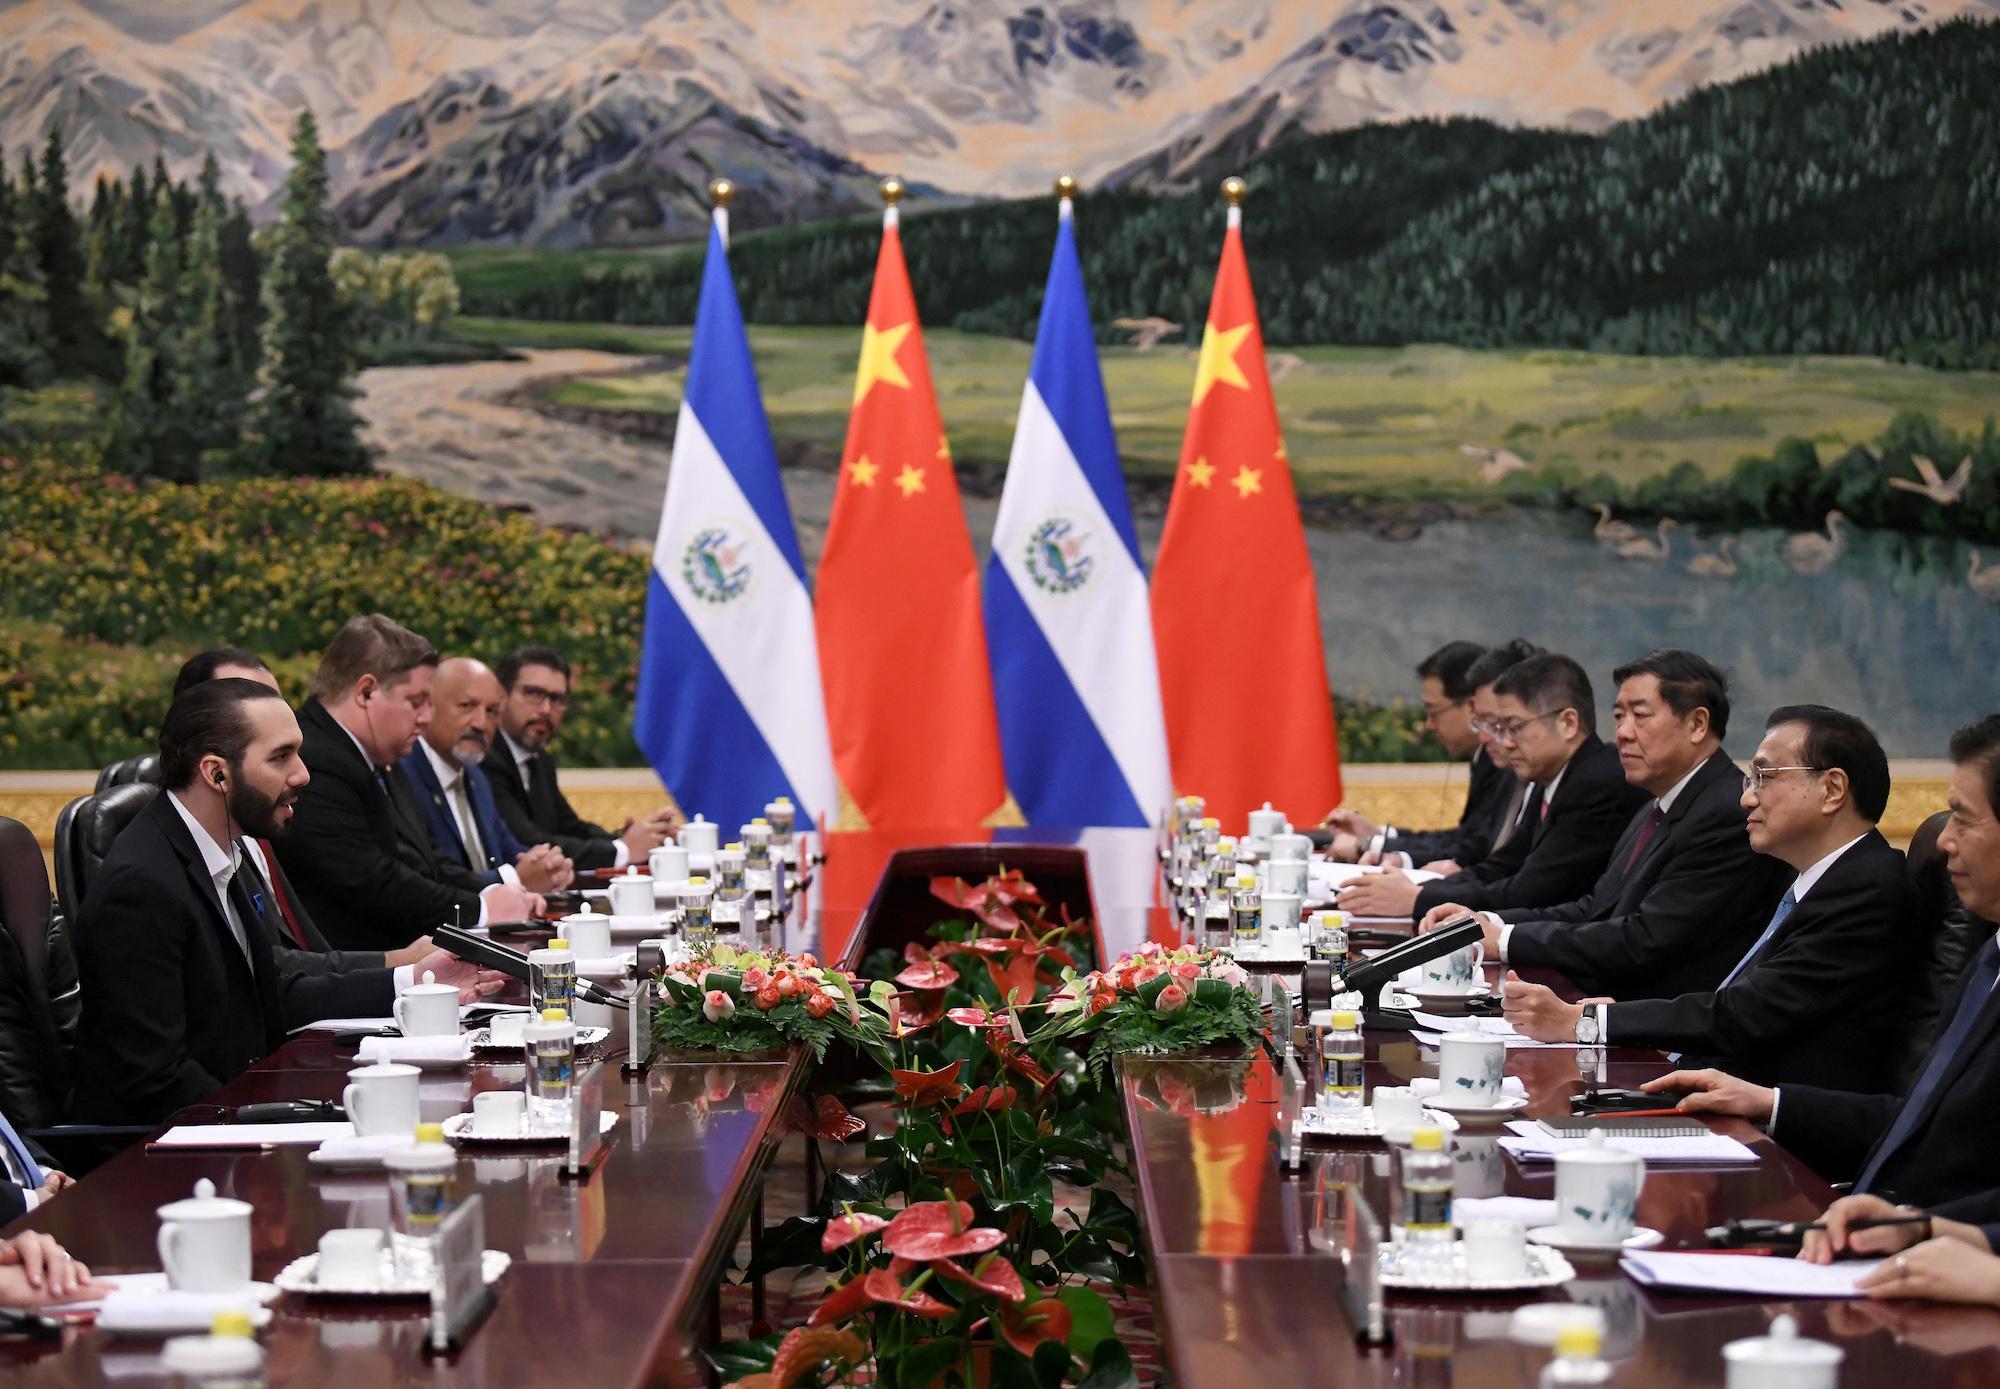 El presidente de El Salvadorís Nayib Bukele se reúne con el Primer Ministro chino Li Keqiang, en el gran salón del pueblo en Pekín, en diciembre 2019. (Foto Noel CELIS / POOL / AFP)